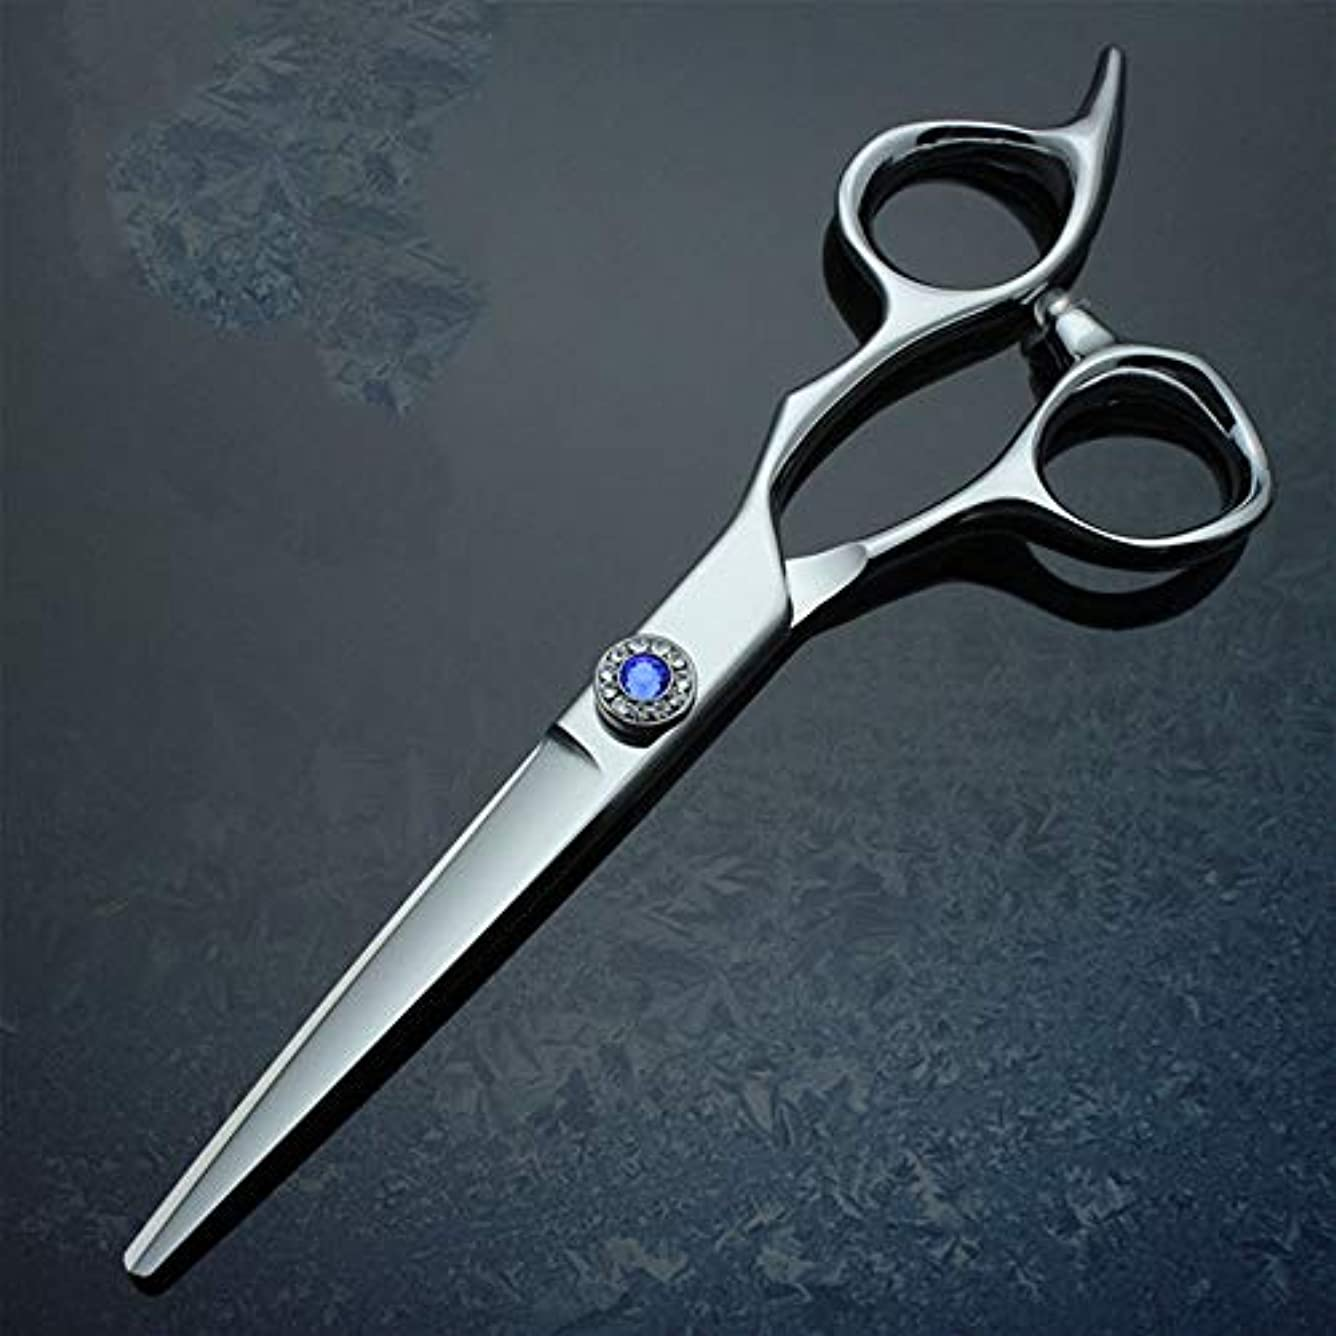 生き返らせるプレフィックス辛な6インチプロフェッショナルハイグレード厚手ハンドル理髪440 Cはさみフラットせん断 モデリングツール (色 : 青)